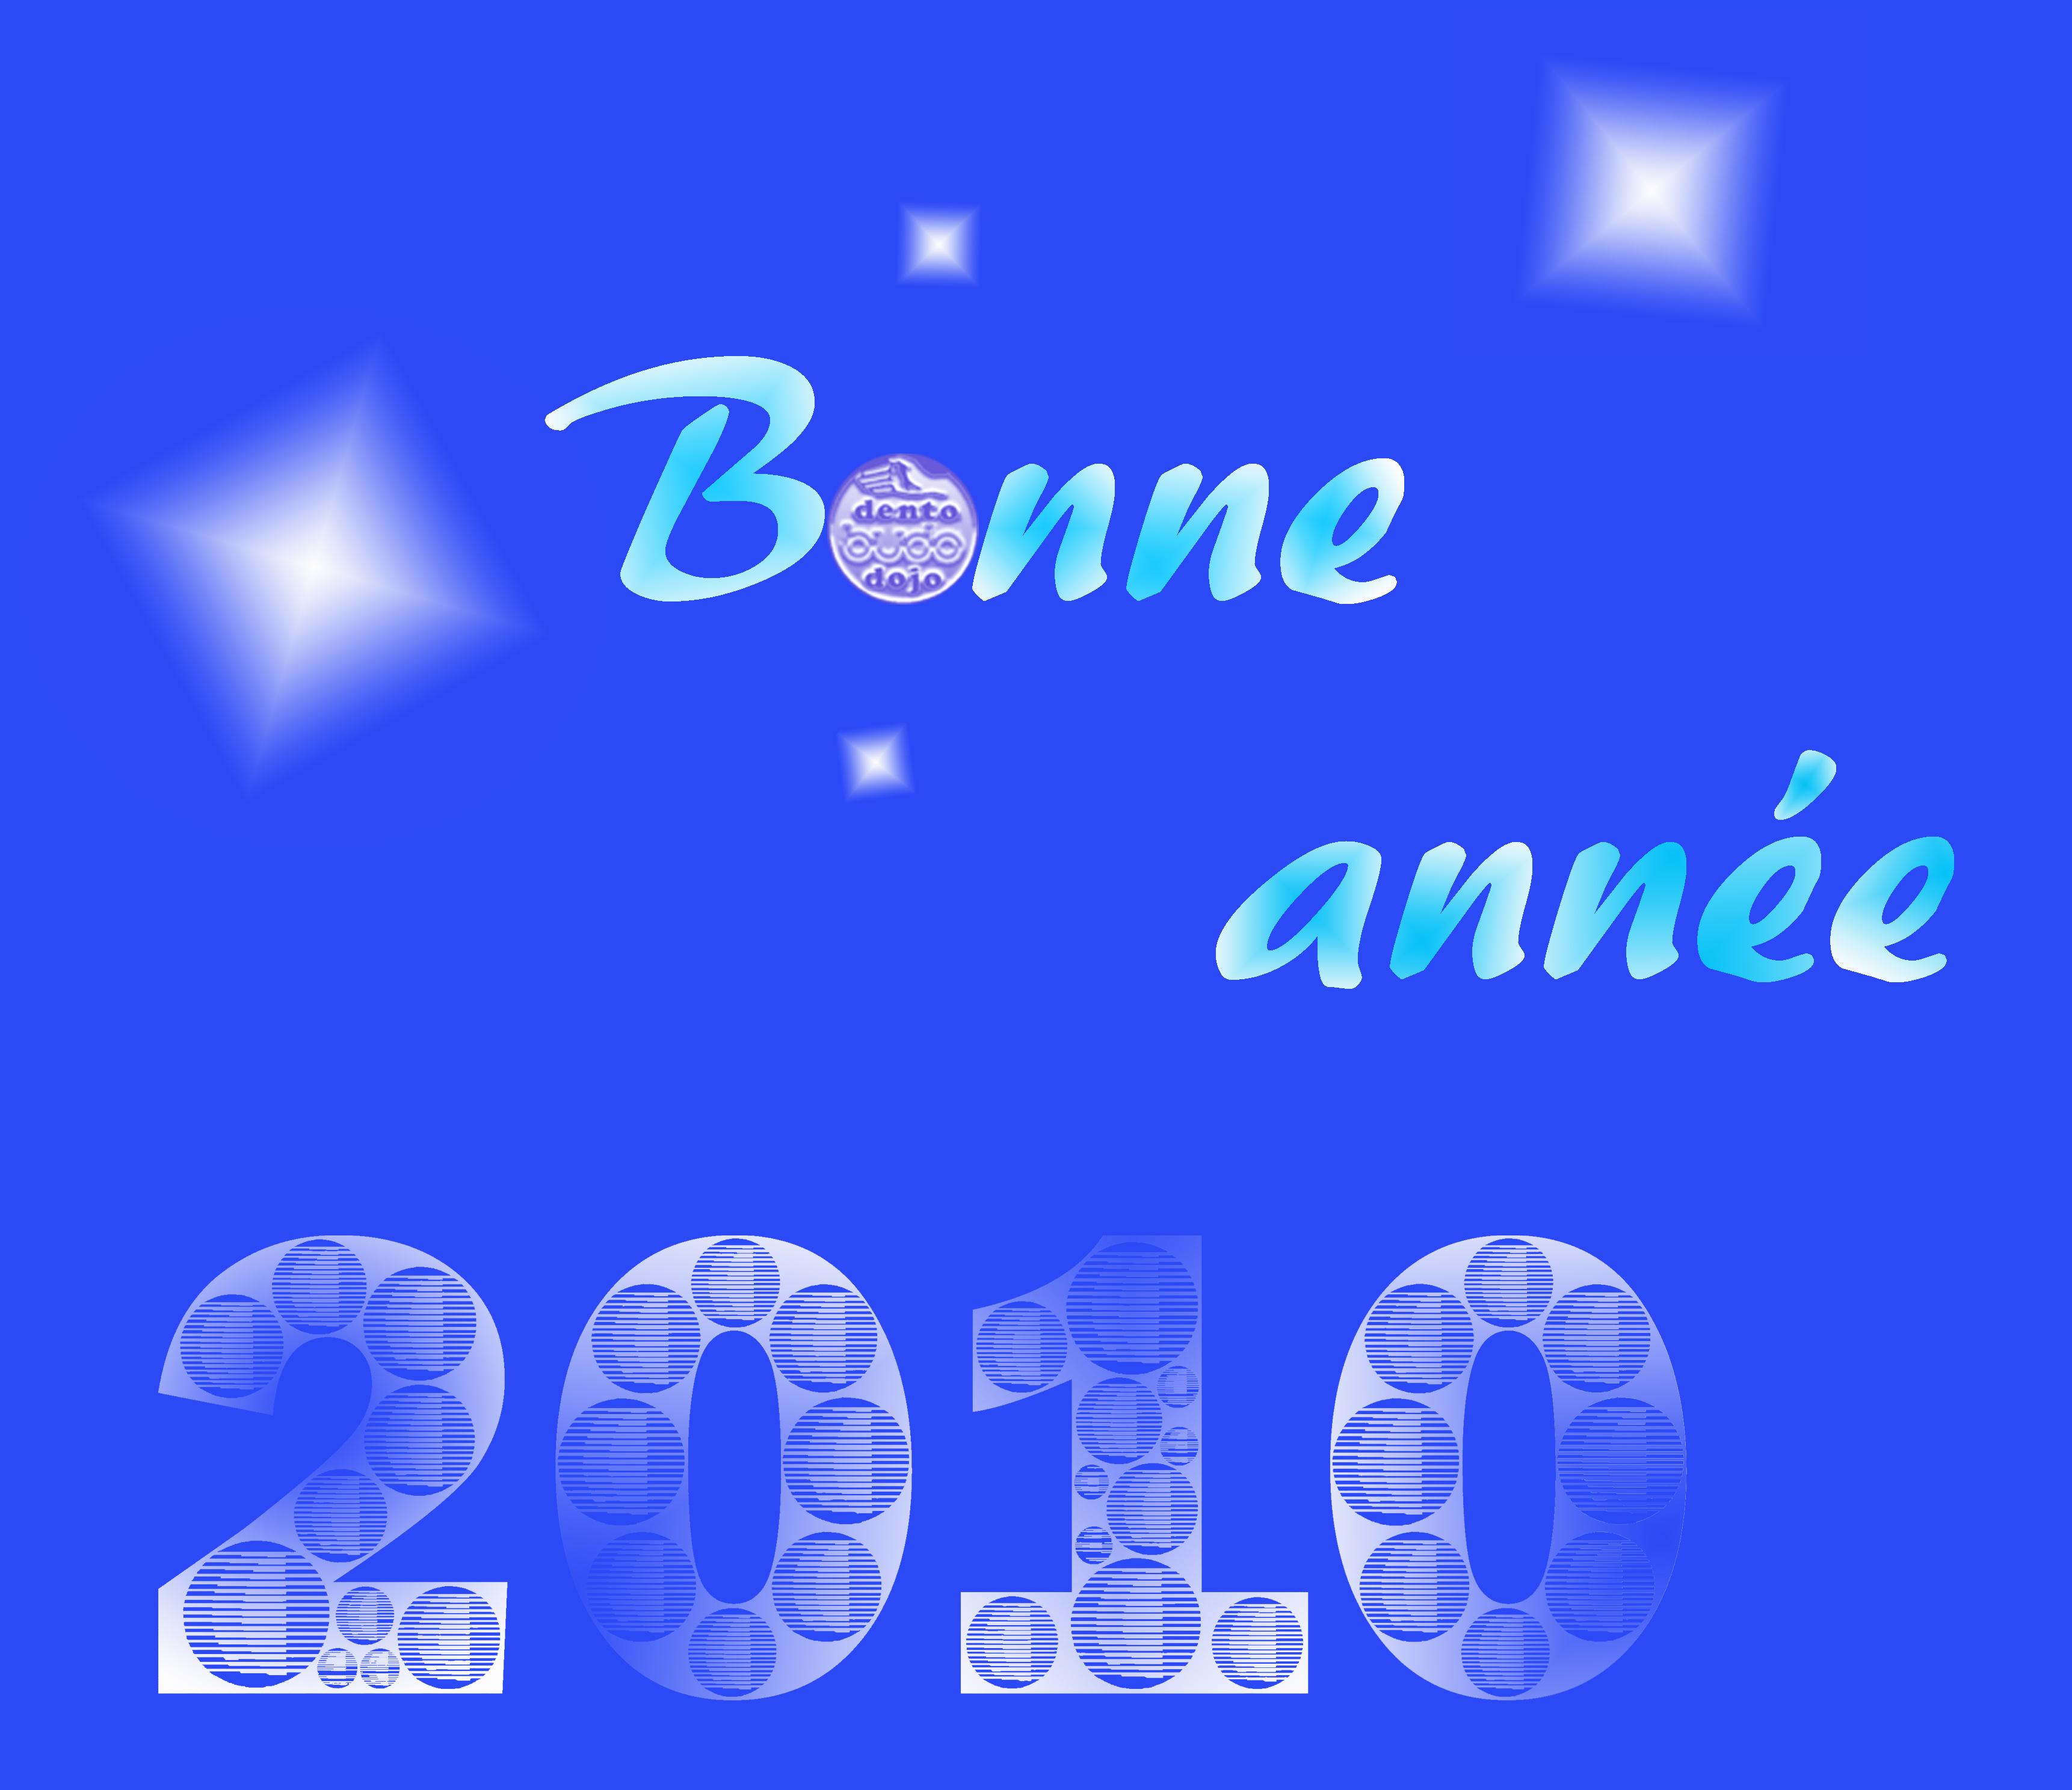 Nos meilleurs vœux pour l'année 2010.